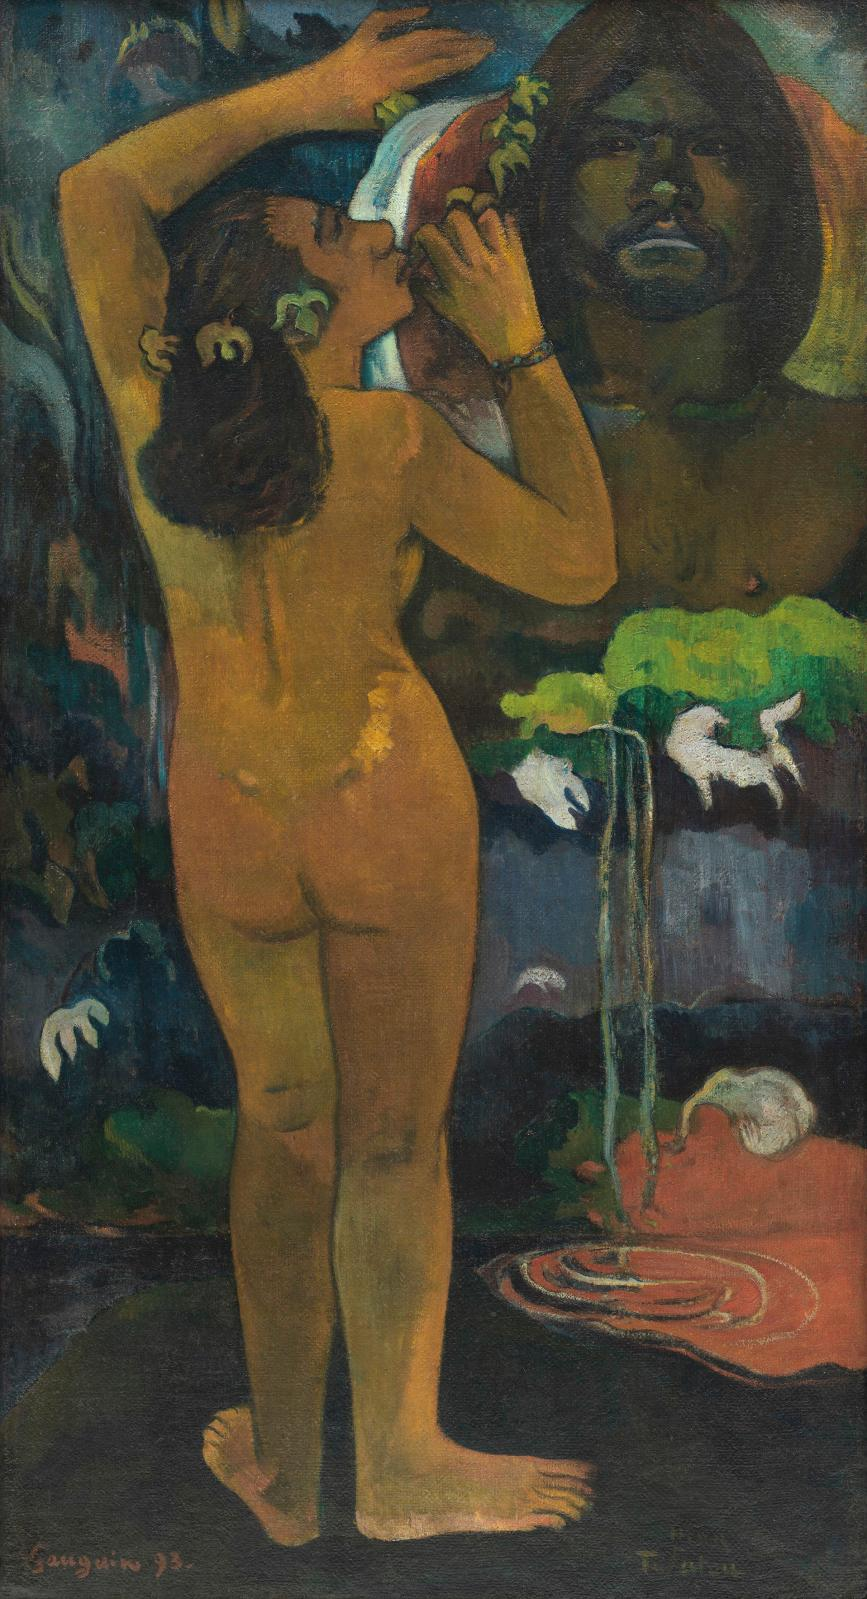 Paul Gauguin (1848-1903), Hina Tefatou, 1893, huile sur toile de jute, 114,3x62,2cm (détail en page de droite). Museum of Modern Art (MoMA), New Y